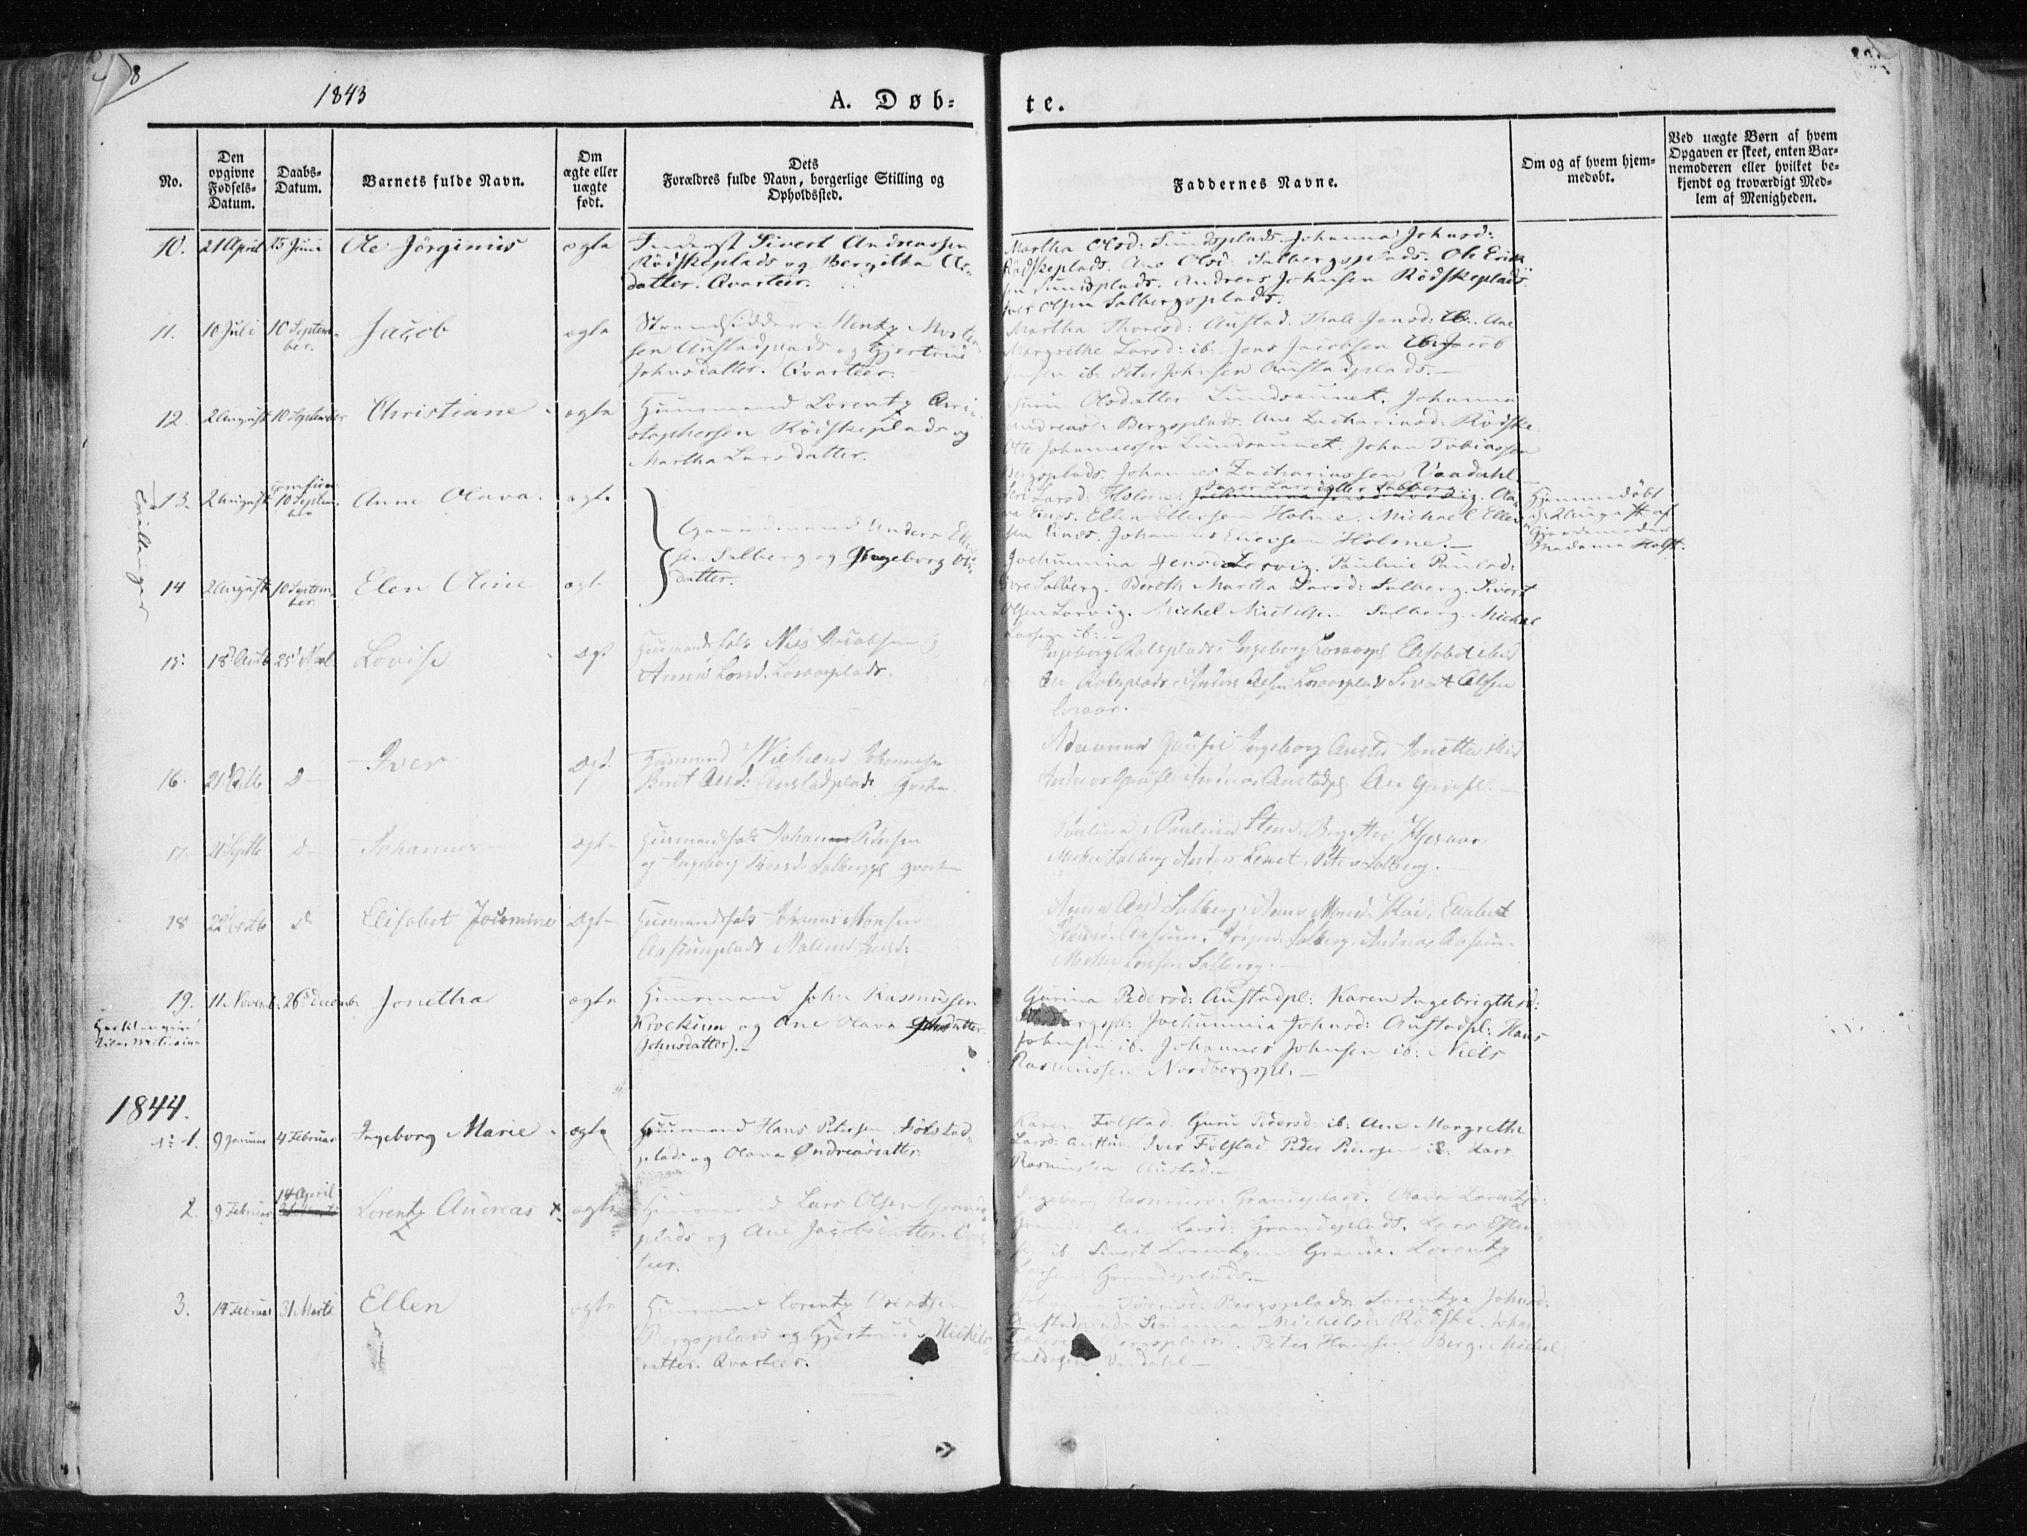 SAT, Ministerialprotokoller, klokkerbøker og fødselsregistre - Nord-Trøndelag, 730/L0280: Ministerialbok nr. 730A07 /2, 1840-1854, s. 108